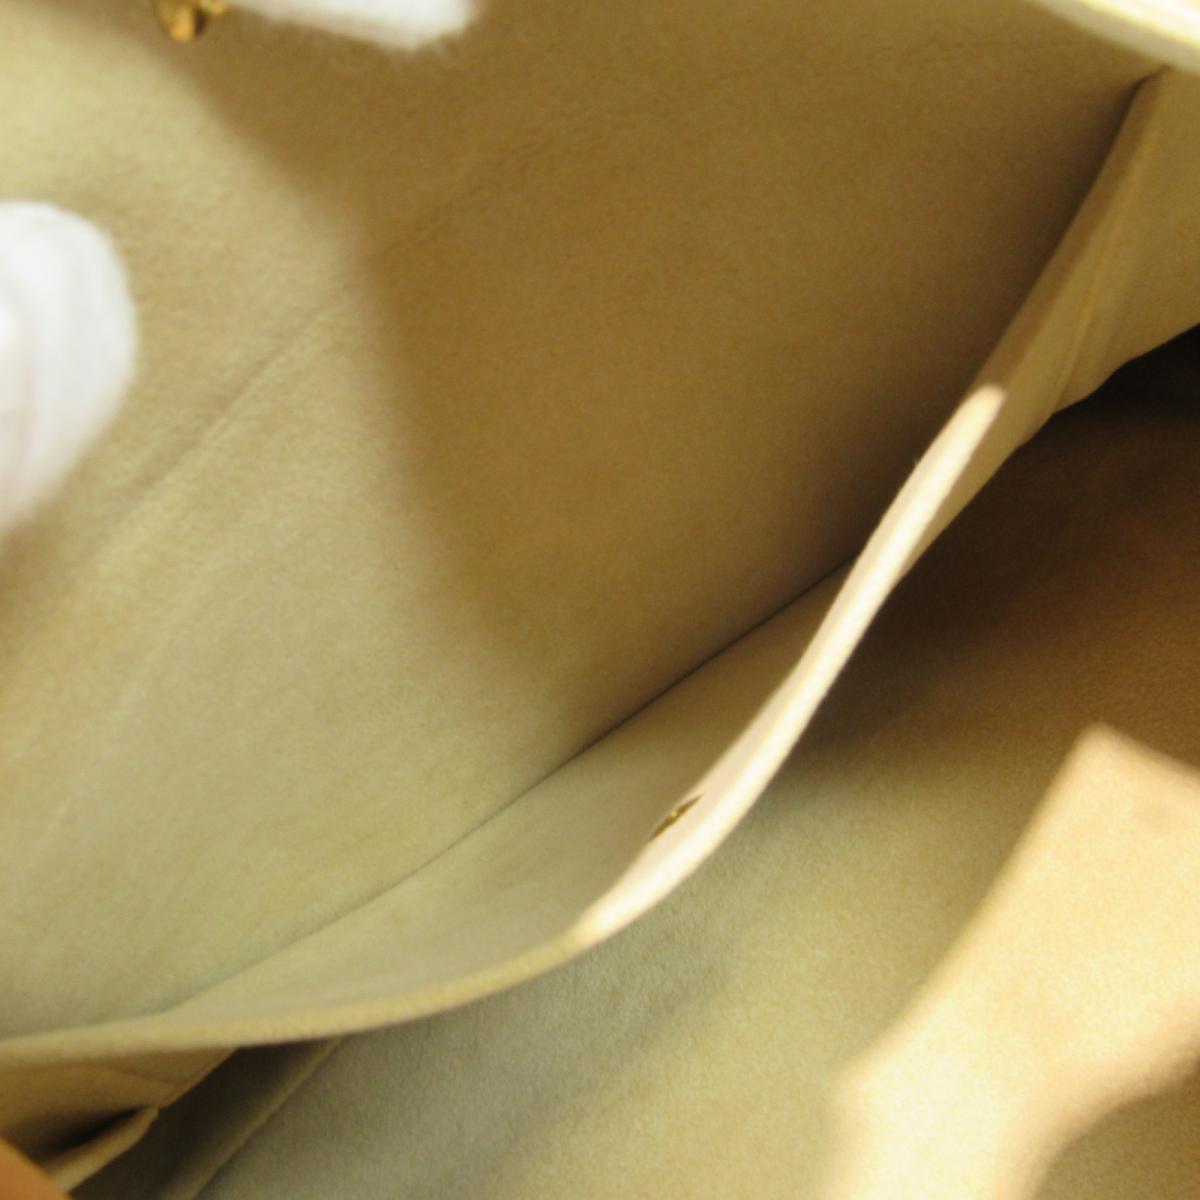 ルイヴィトン ガリエラGM ショルダーバッグ バッグ レディース モノグラムM56381LOUIS VUITTON BRANDOFF ブランドオフ ヴィトン ビトン ルイ・ヴィトン ブランド ブランドバッグ バック ショルダーバック ショルダー 肩掛けfYI76gvby